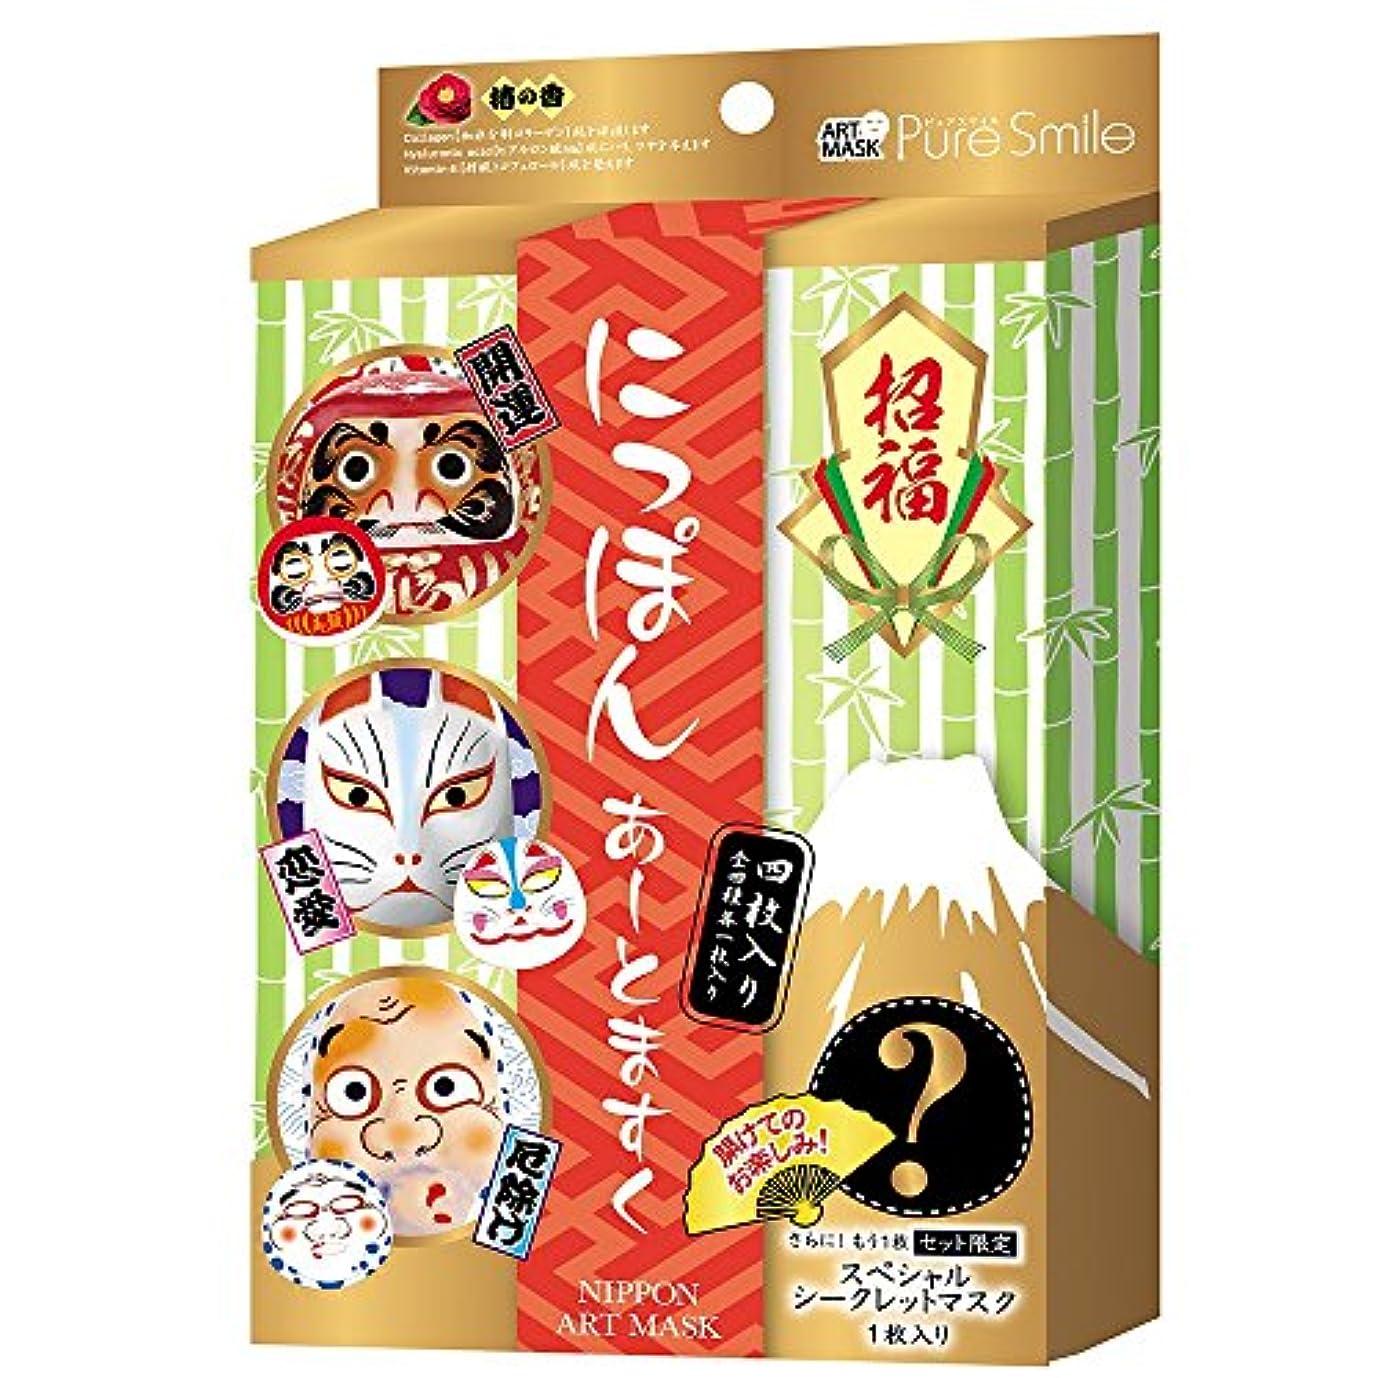 相関するコメント廃棄するピュアスマイル 招福にっぽんアートマスク お得なセットBOX(全4種類各1枚入り)